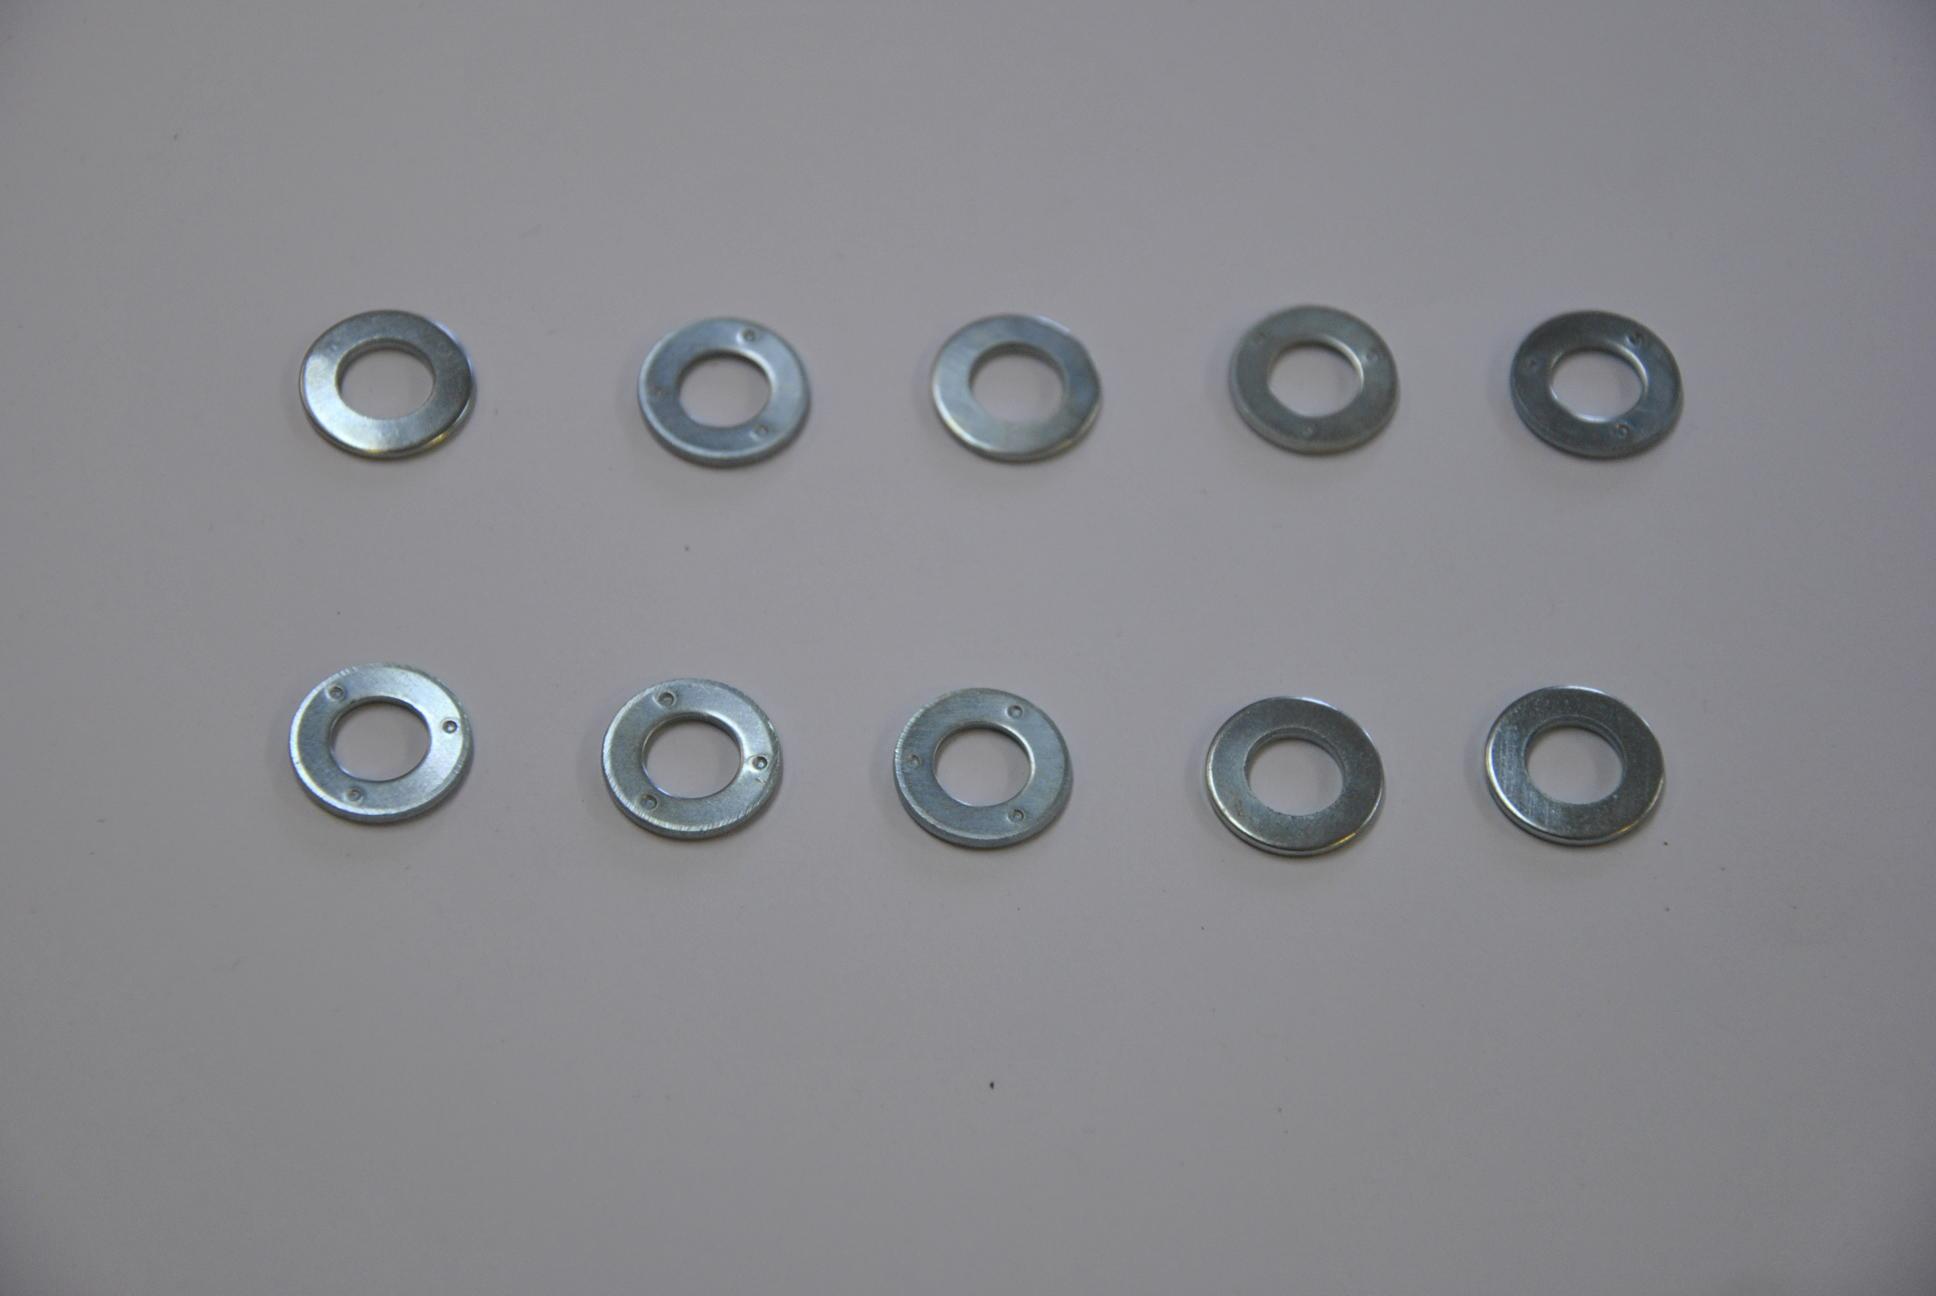 Шайба для болтов крепления верхней и нижней пластины скручивающего устройства, 31 шт.